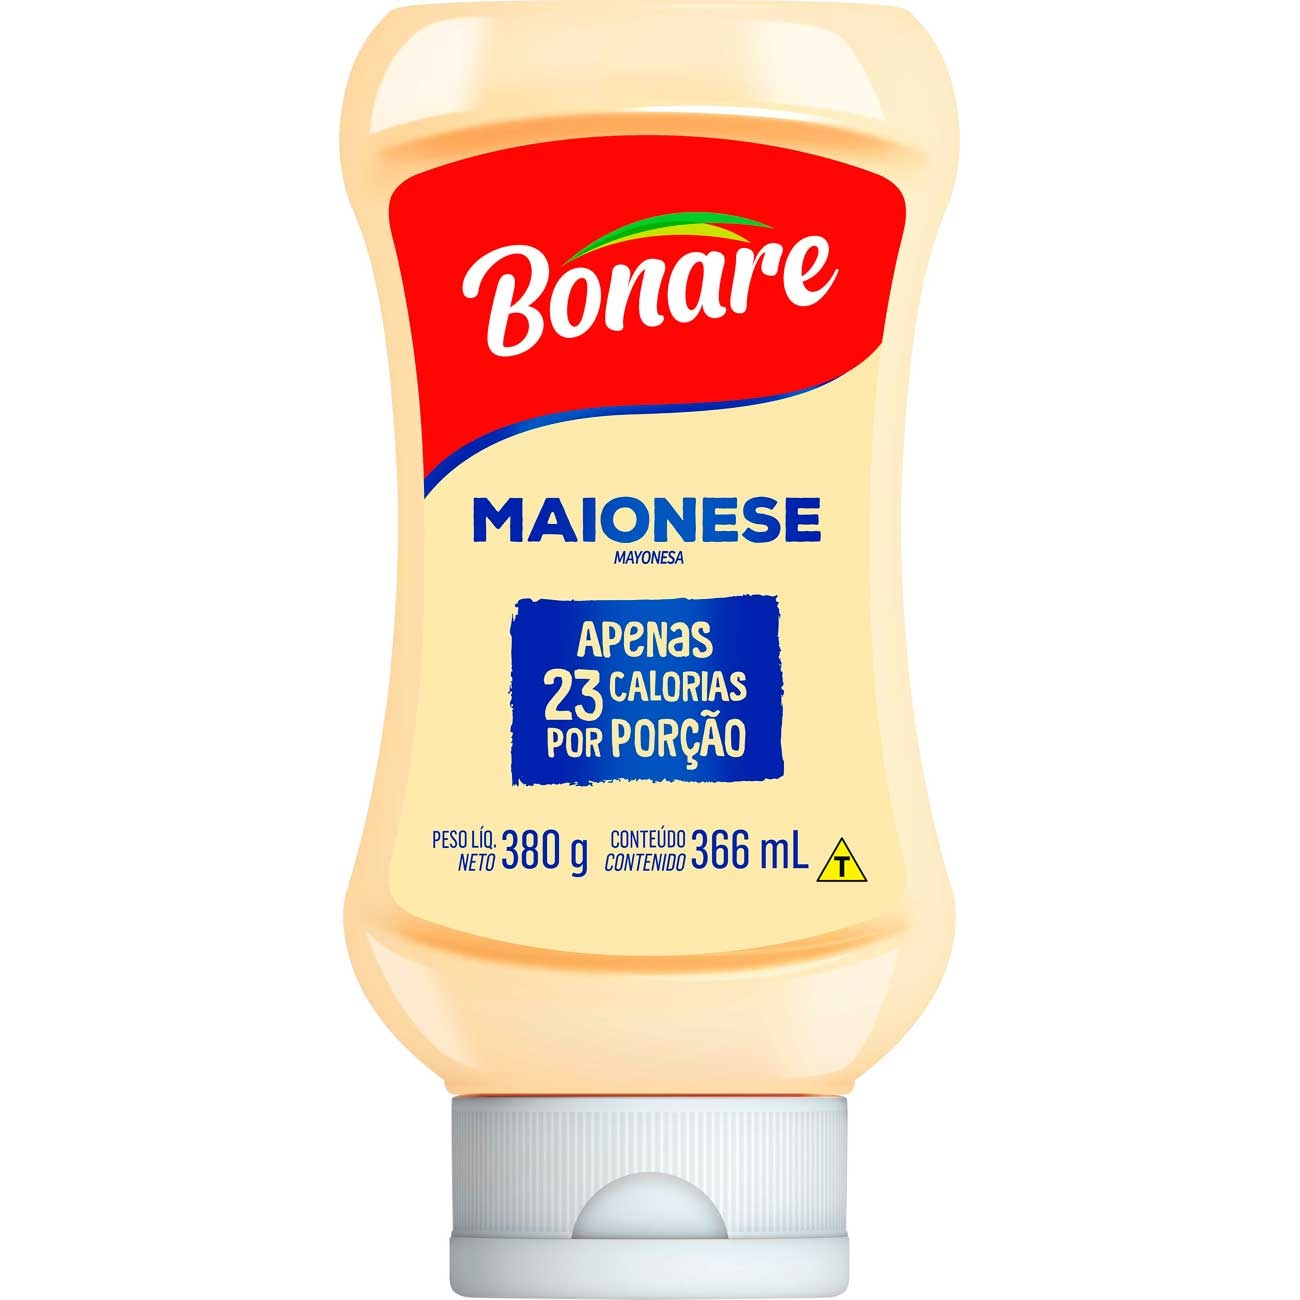 Maionese Bonare Squeeze 380g | Caixa com 12 unidades